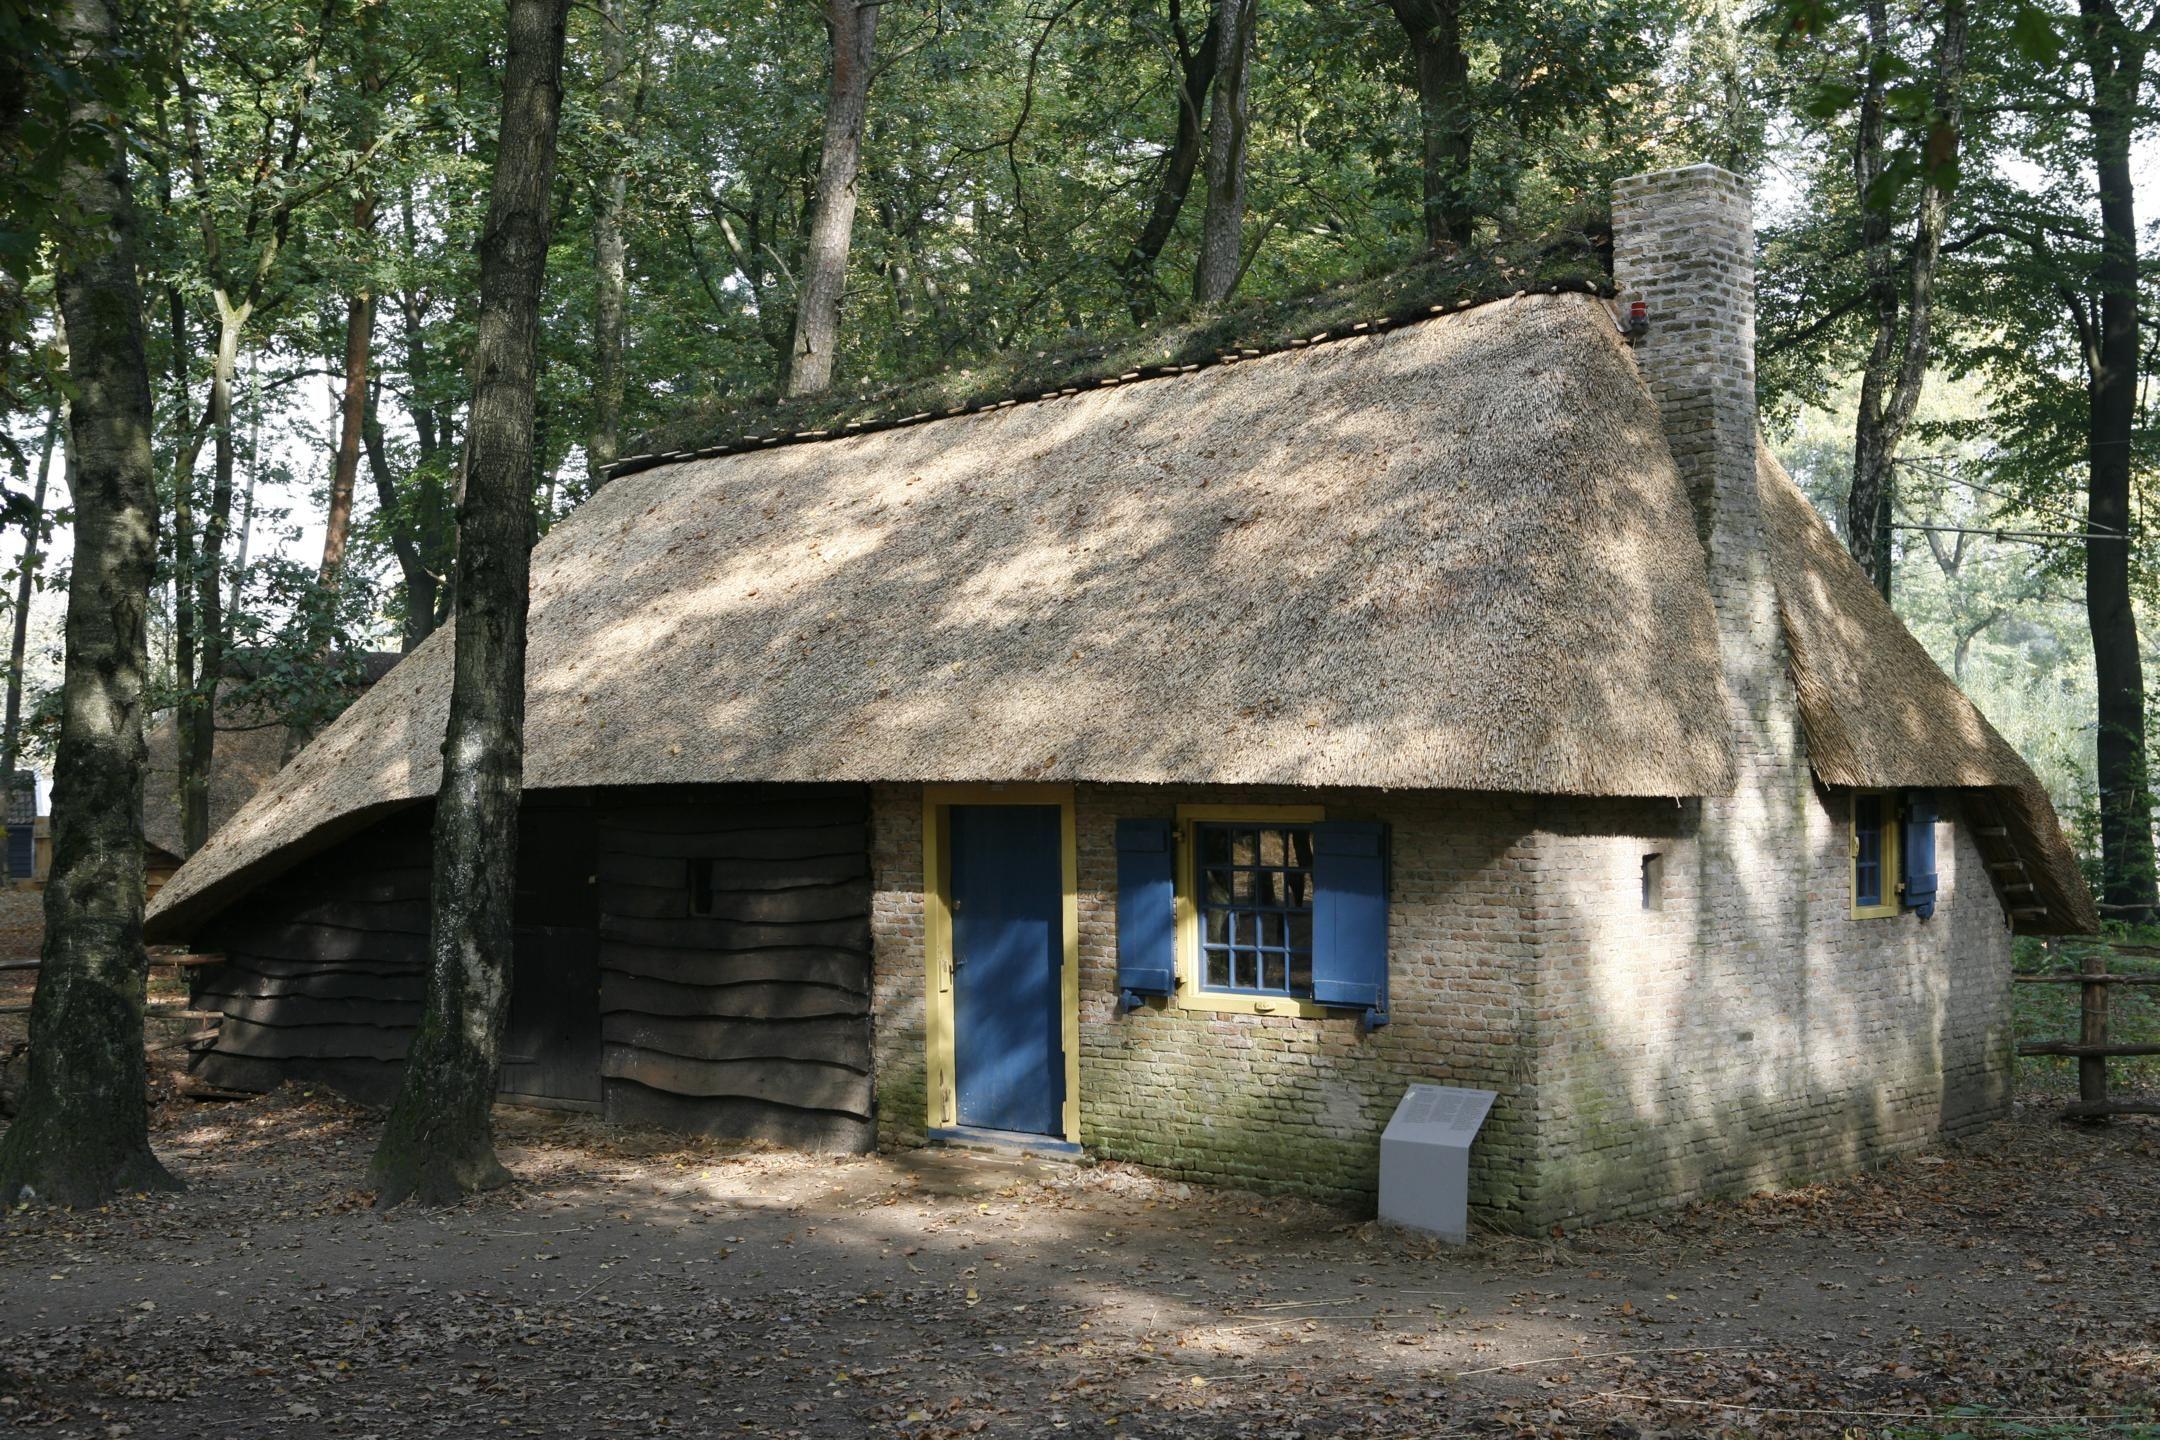 Daglonershuisje Locomotiefhuisje Zoomhuisje Ca 1850 Getransporteerd Naar Nederlands Openluchtmuseum In Arnhem Boerderij Leven Arnhem Boerderij